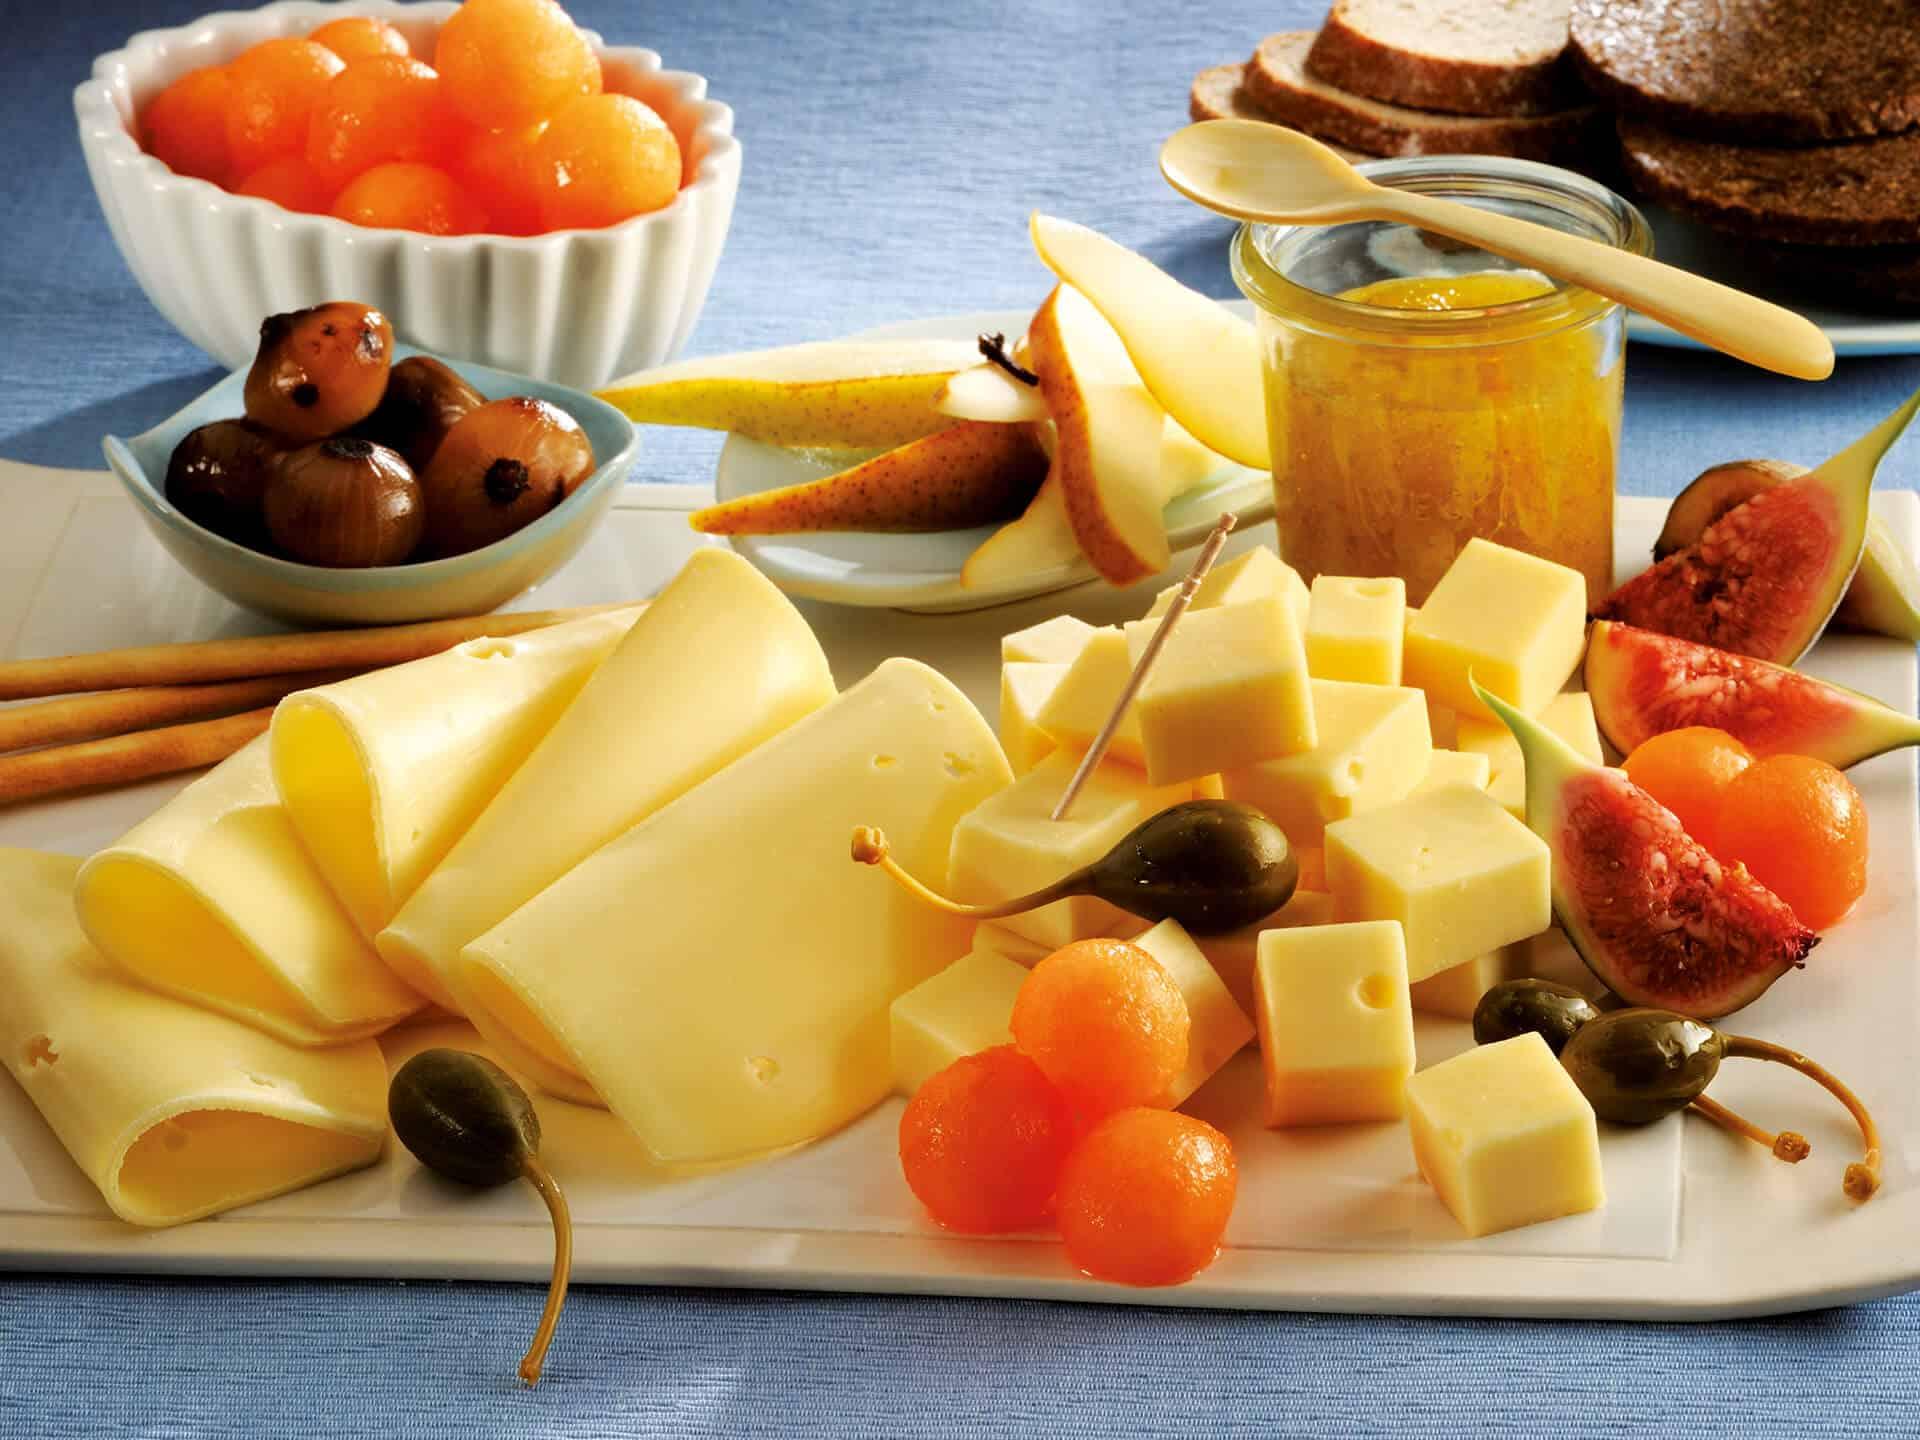 Käseplatte mit allerlei Käse